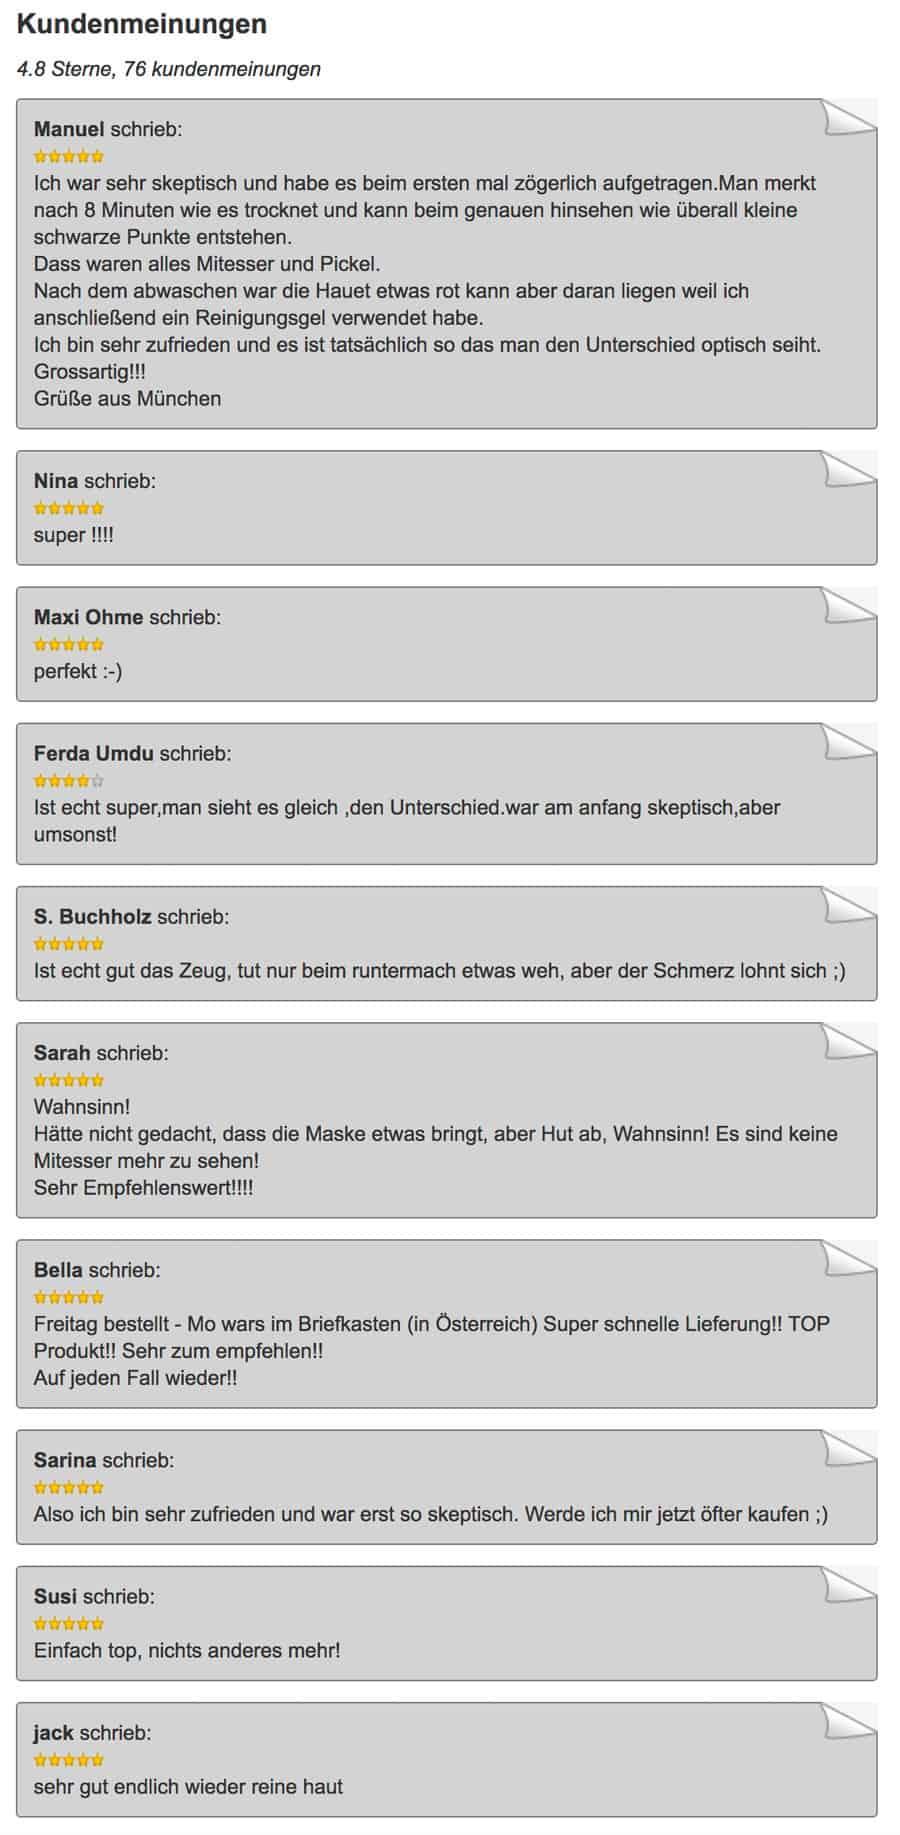 seco stylelux 4 - Schweizerisches Staatssekretariat für Wirtschaft warnt vor Online Shop